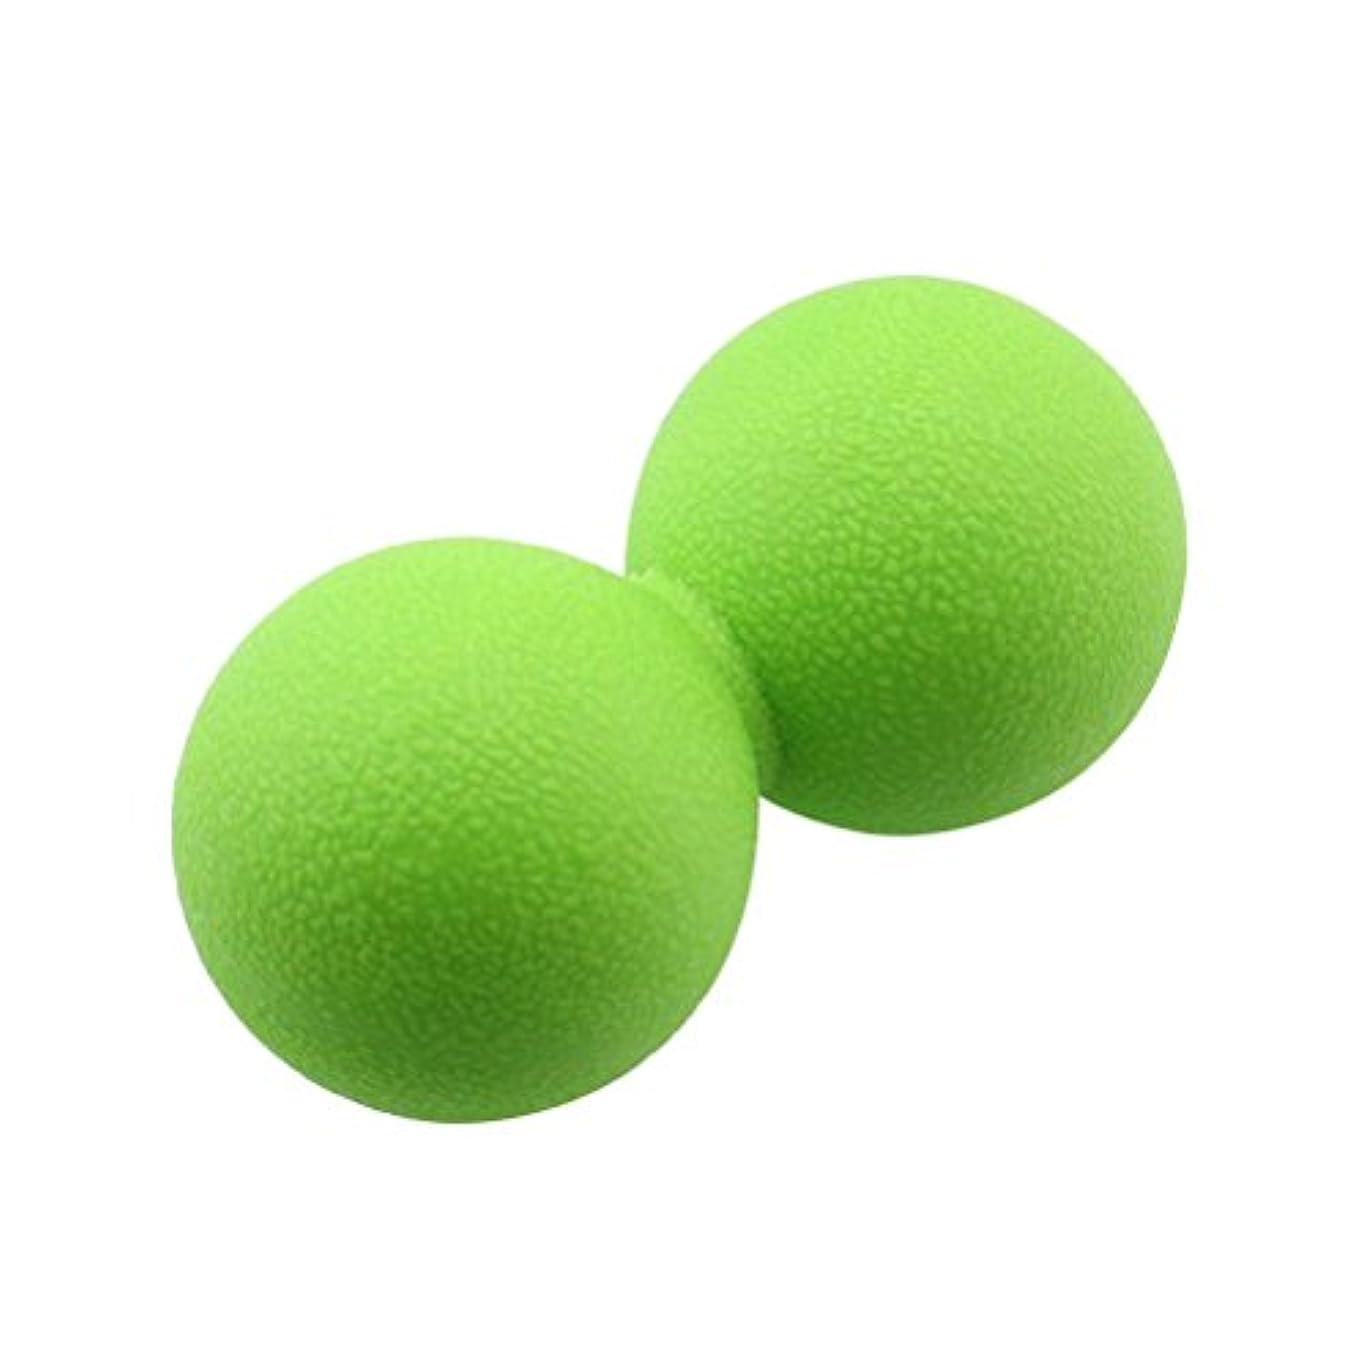 テキスト不規則性彫刻家VORCOOL マッサージボール ストレッチボール ハードタイプ トリガーポイント トレーニング 背中 肩こり 腰 ふくらはぎ 足裏 ツボ押しグッズ スーパーハードタイプ 筋肉痛を改善 運動前後(緑)